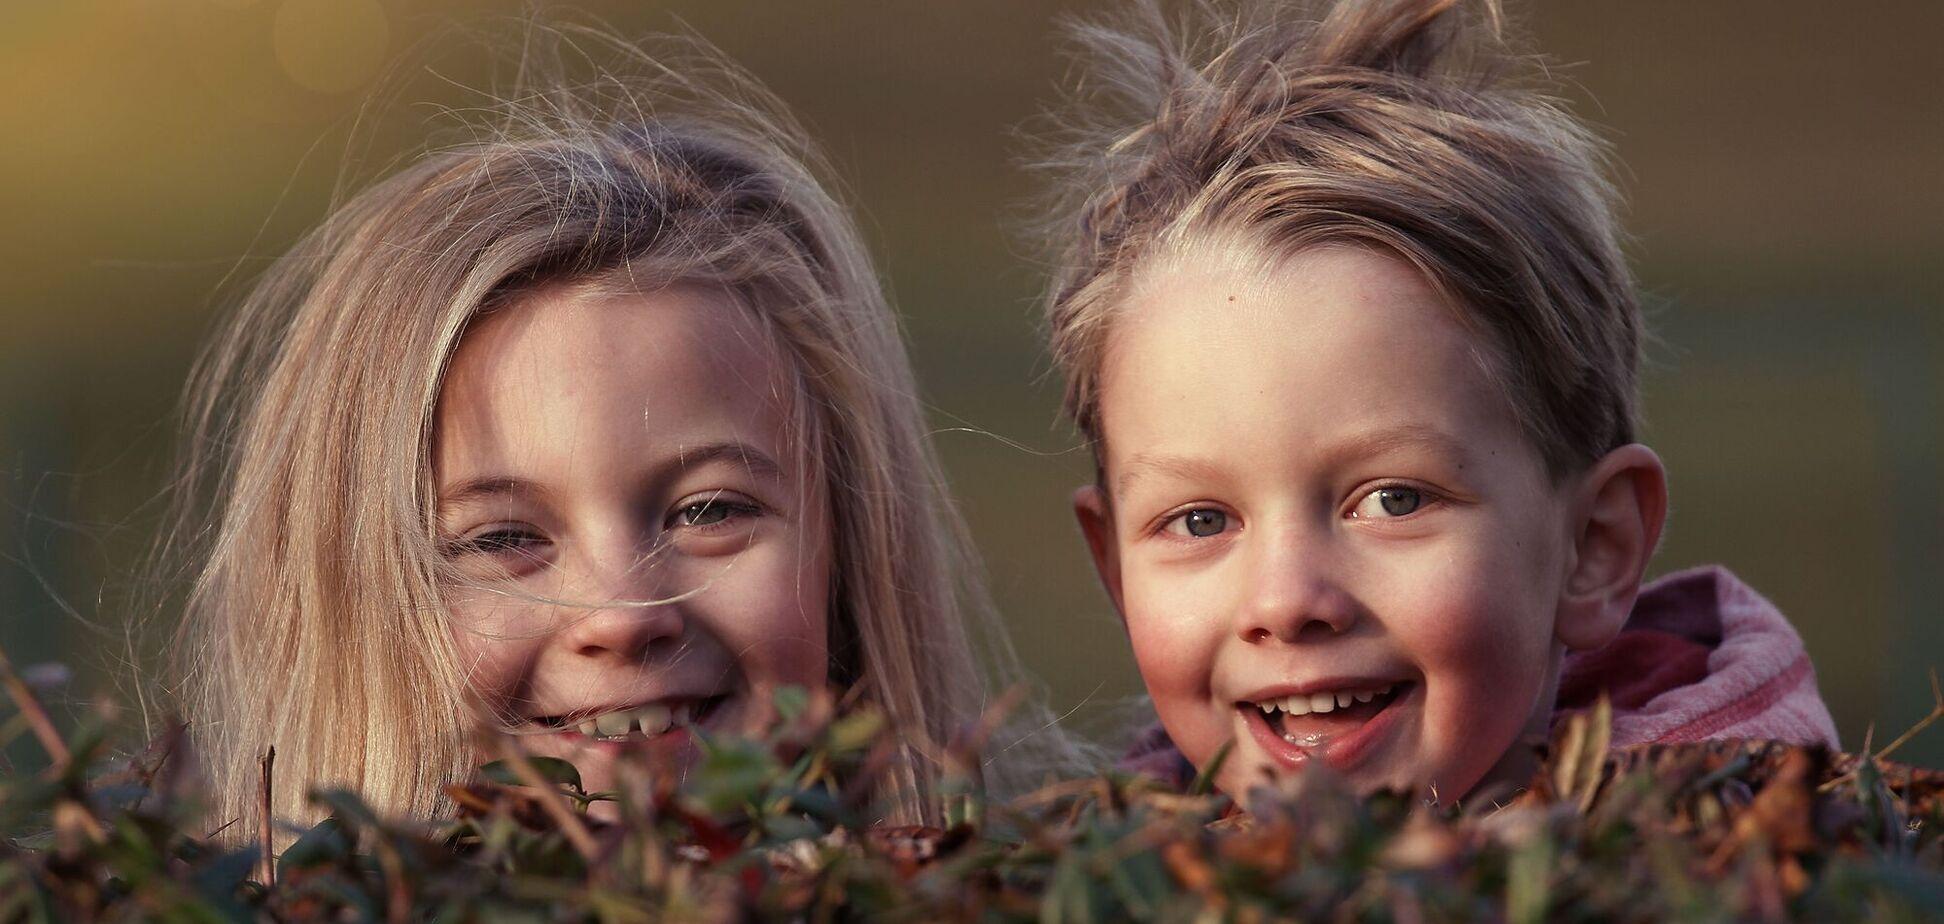 День братьев и сестер ежегодно отмечается 10 апреля